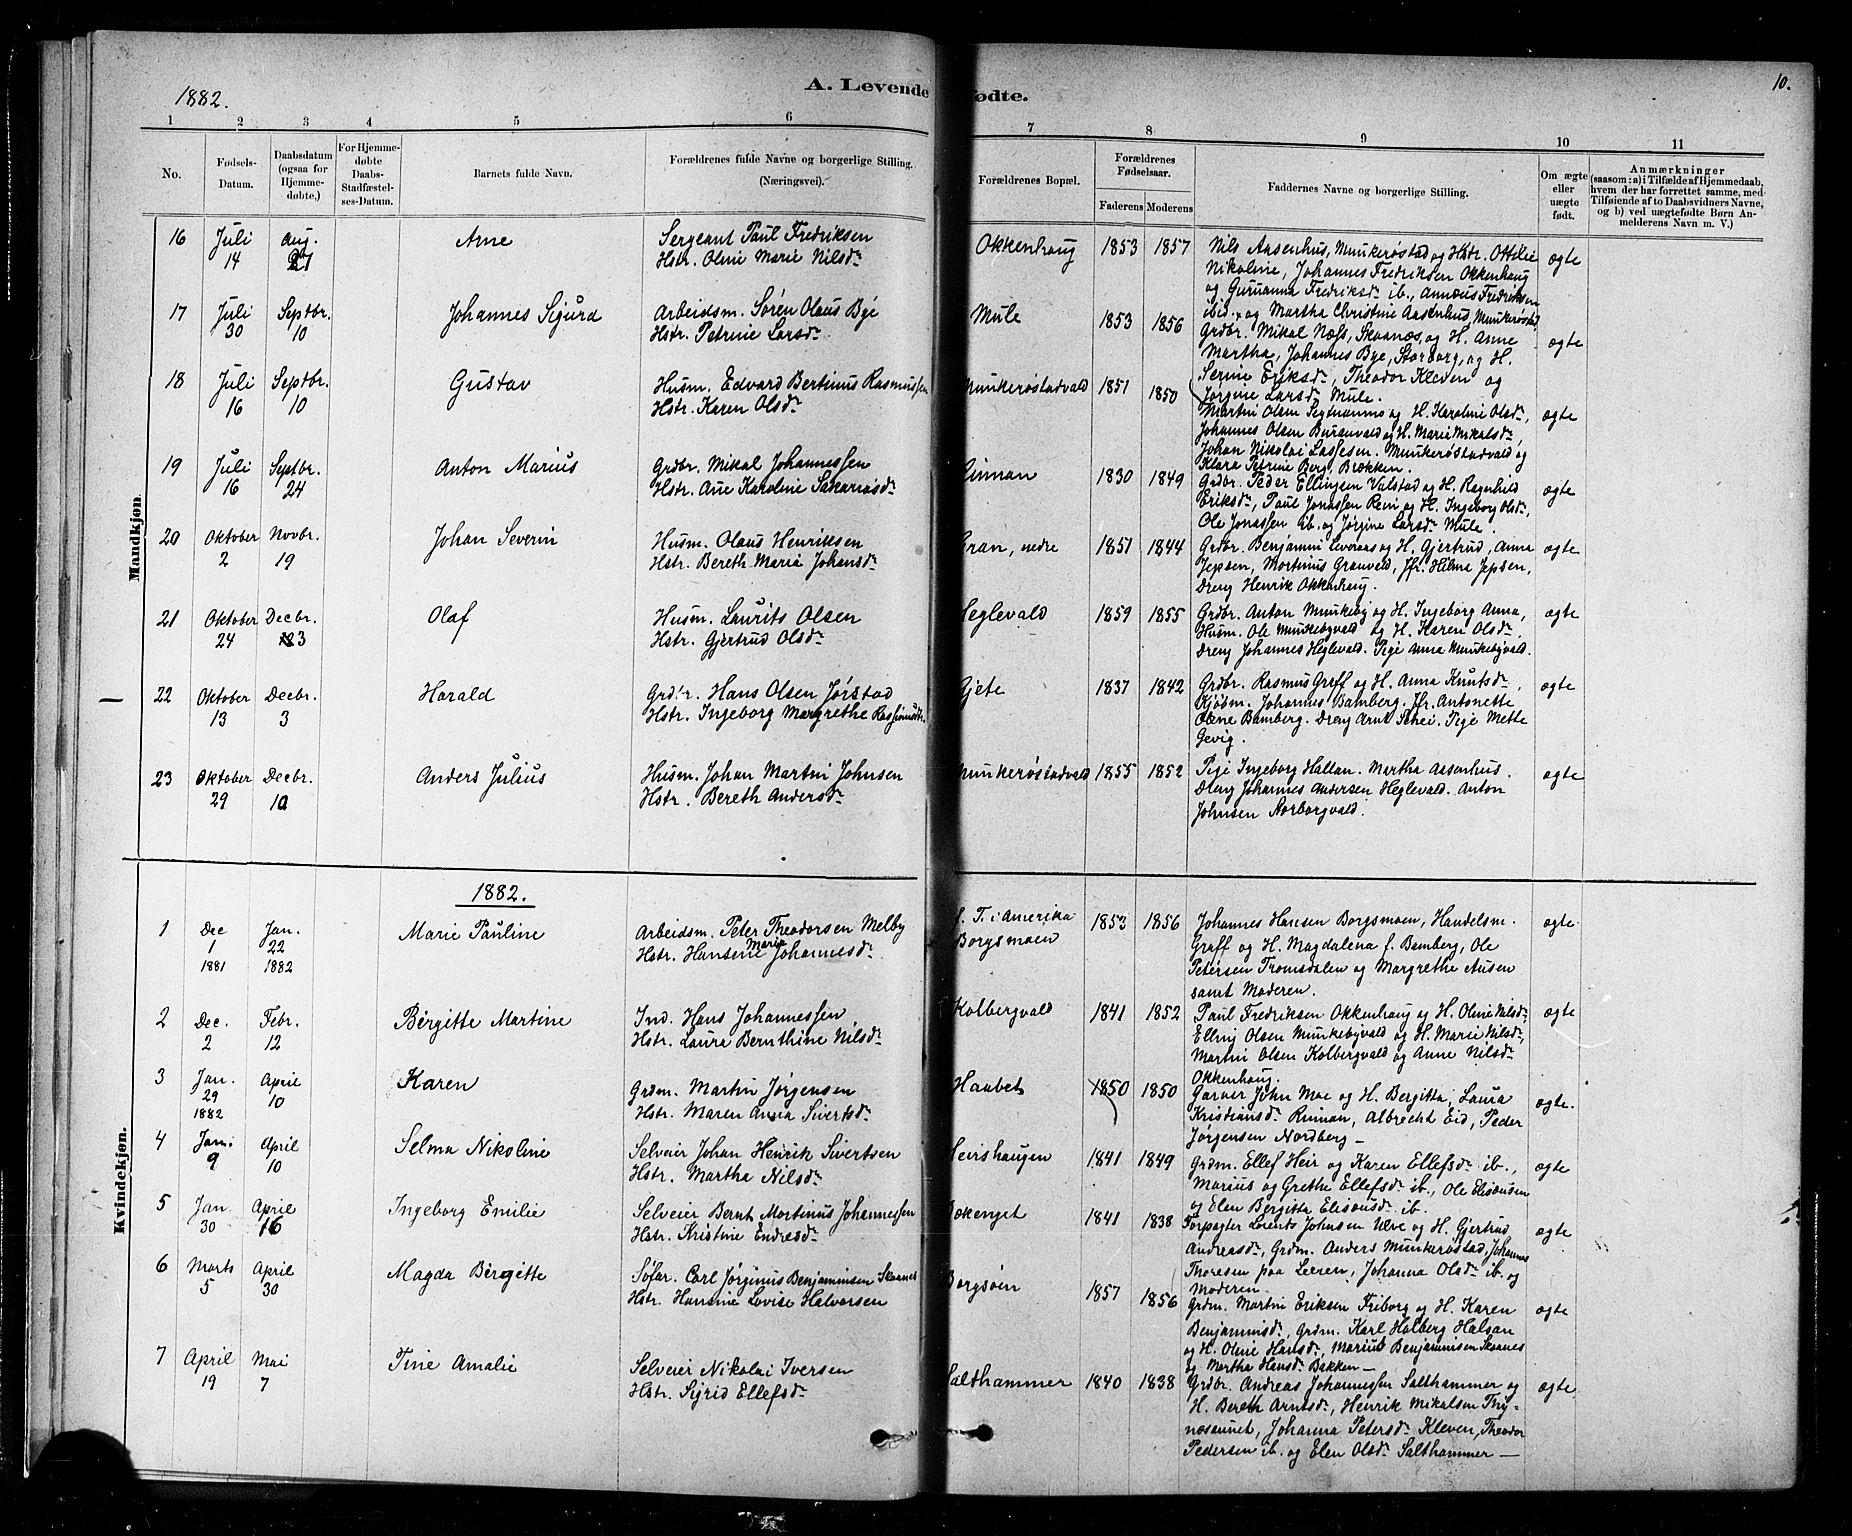 SAT, Ministerialprotokoller, klokkerbøker og fødselsregistre - Nord-Trøndelag, 721/L0208: Klokkerbok nr. 721C01, 1880-1917, s. 10